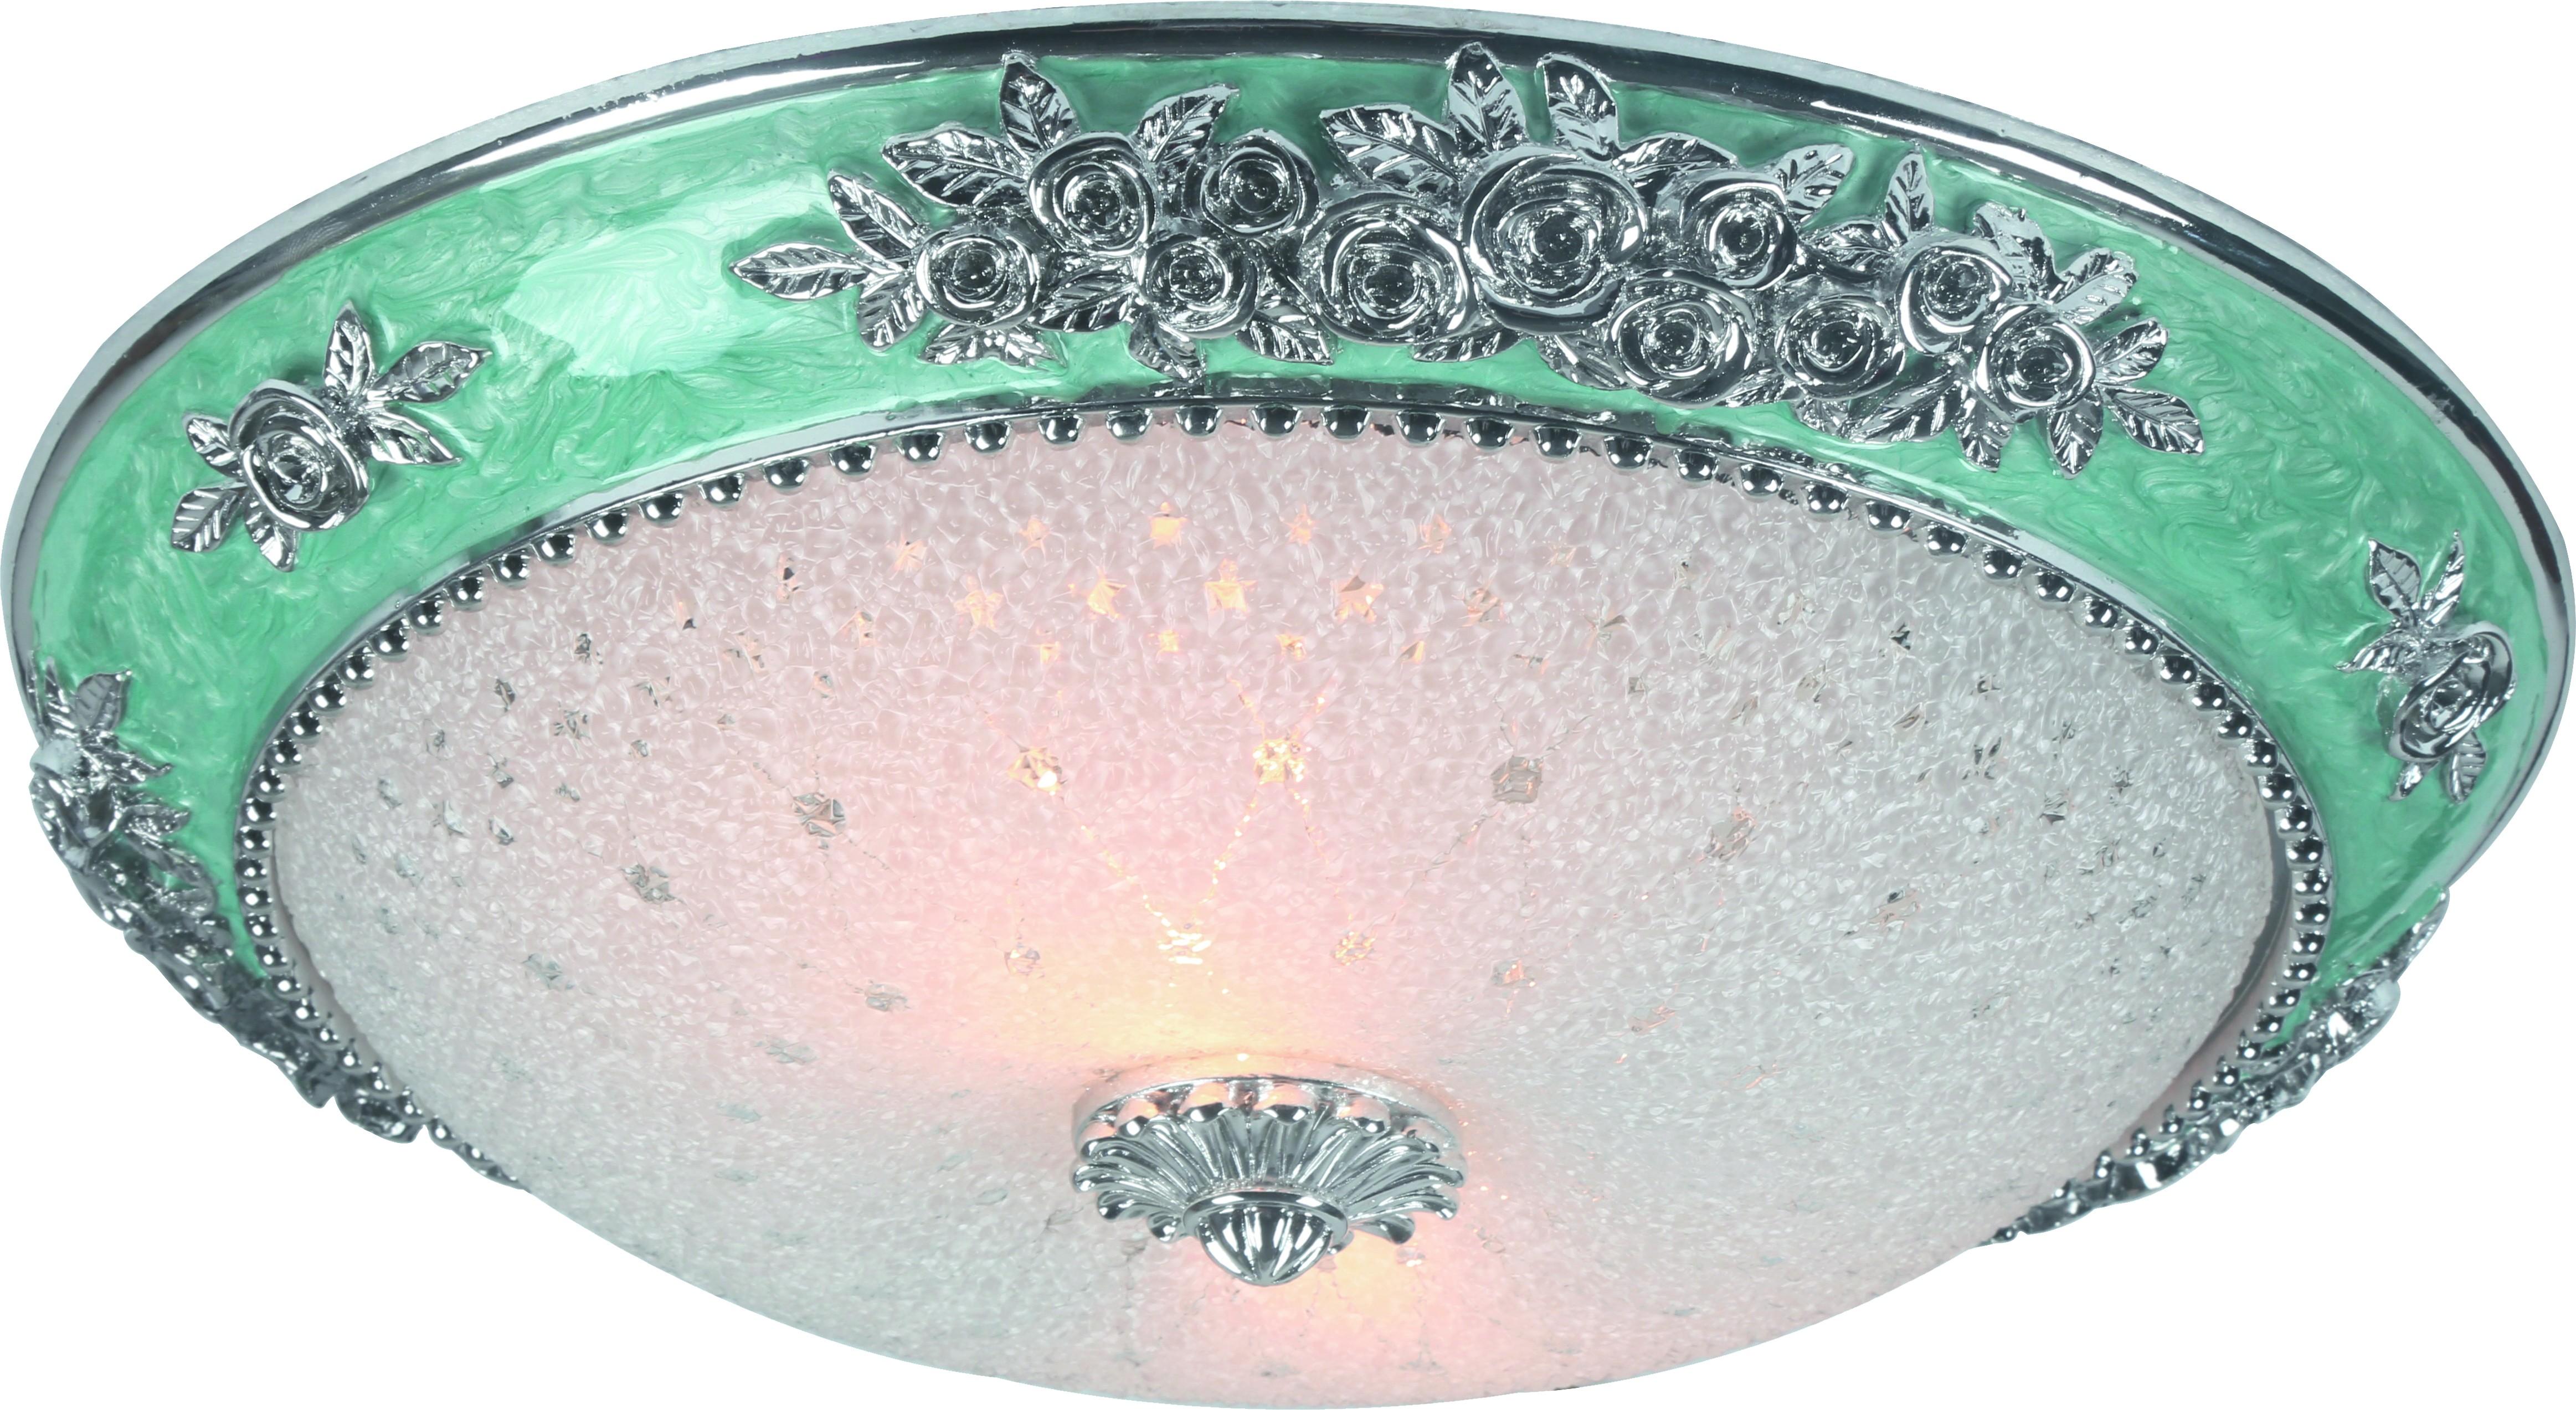 Светильник настенно-потолочный Arte lamp A7134pl-2pr princess pr 1300